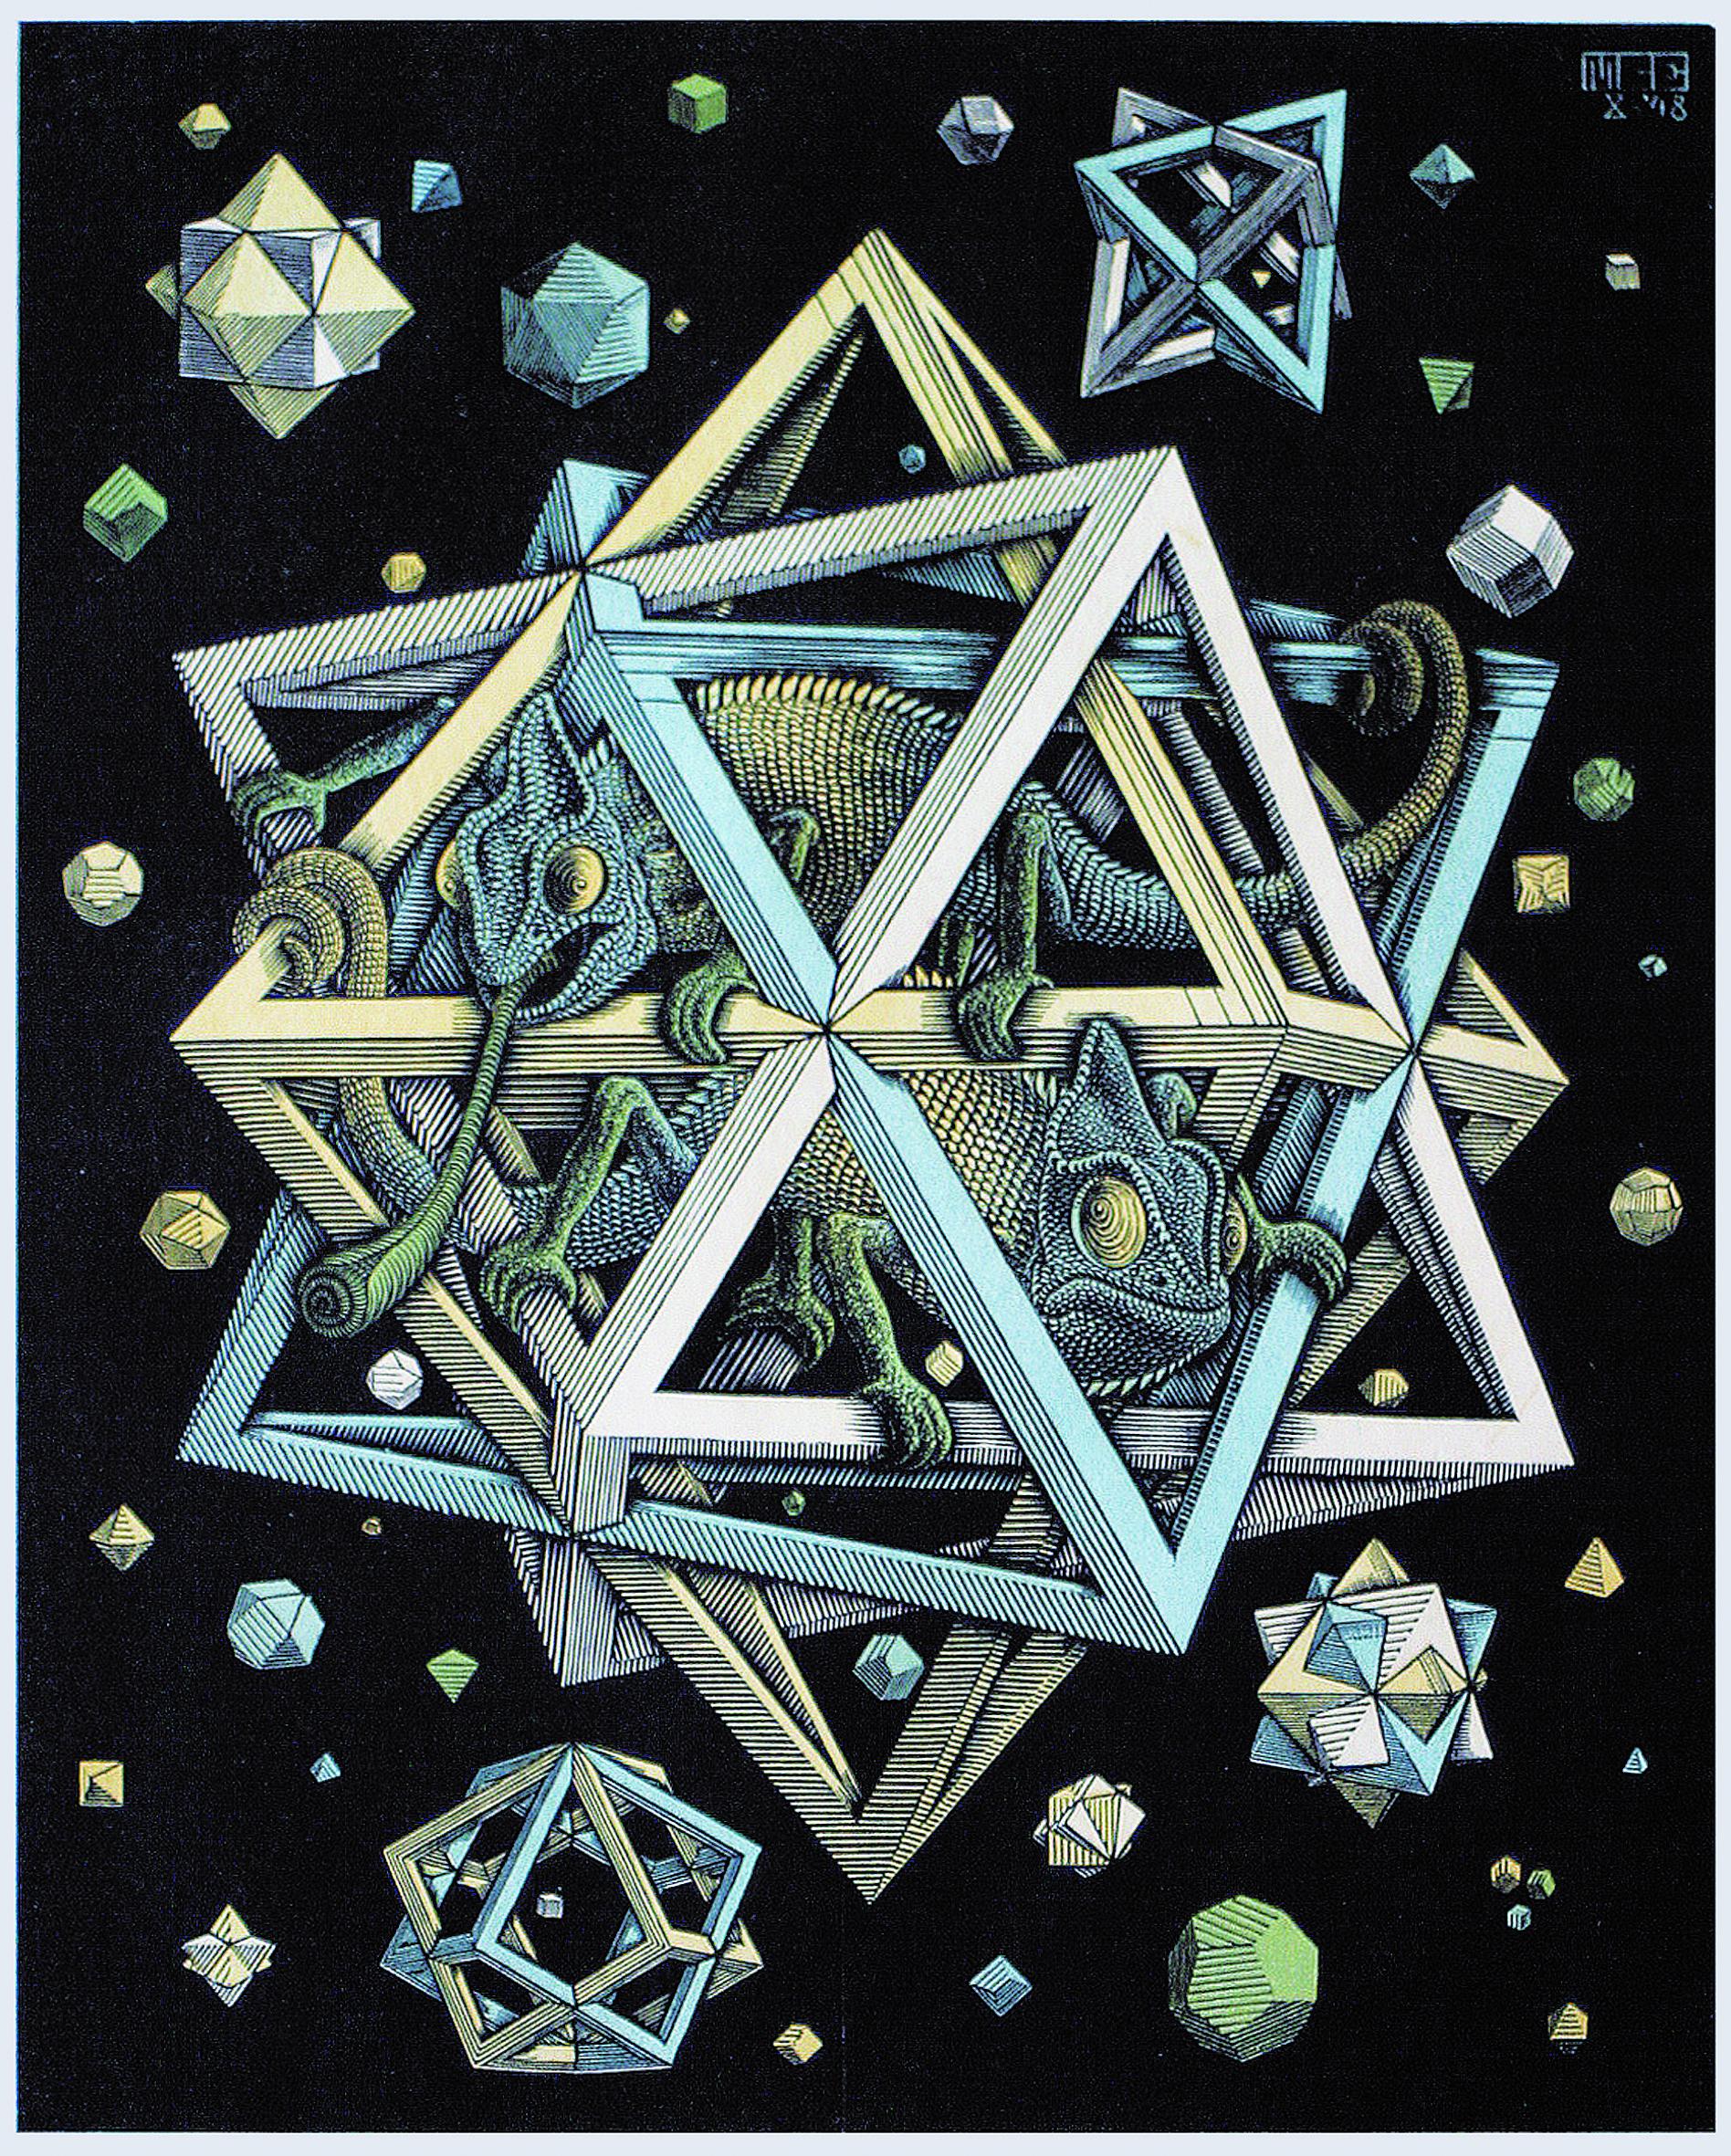 M. C. Escher Stars, 1948